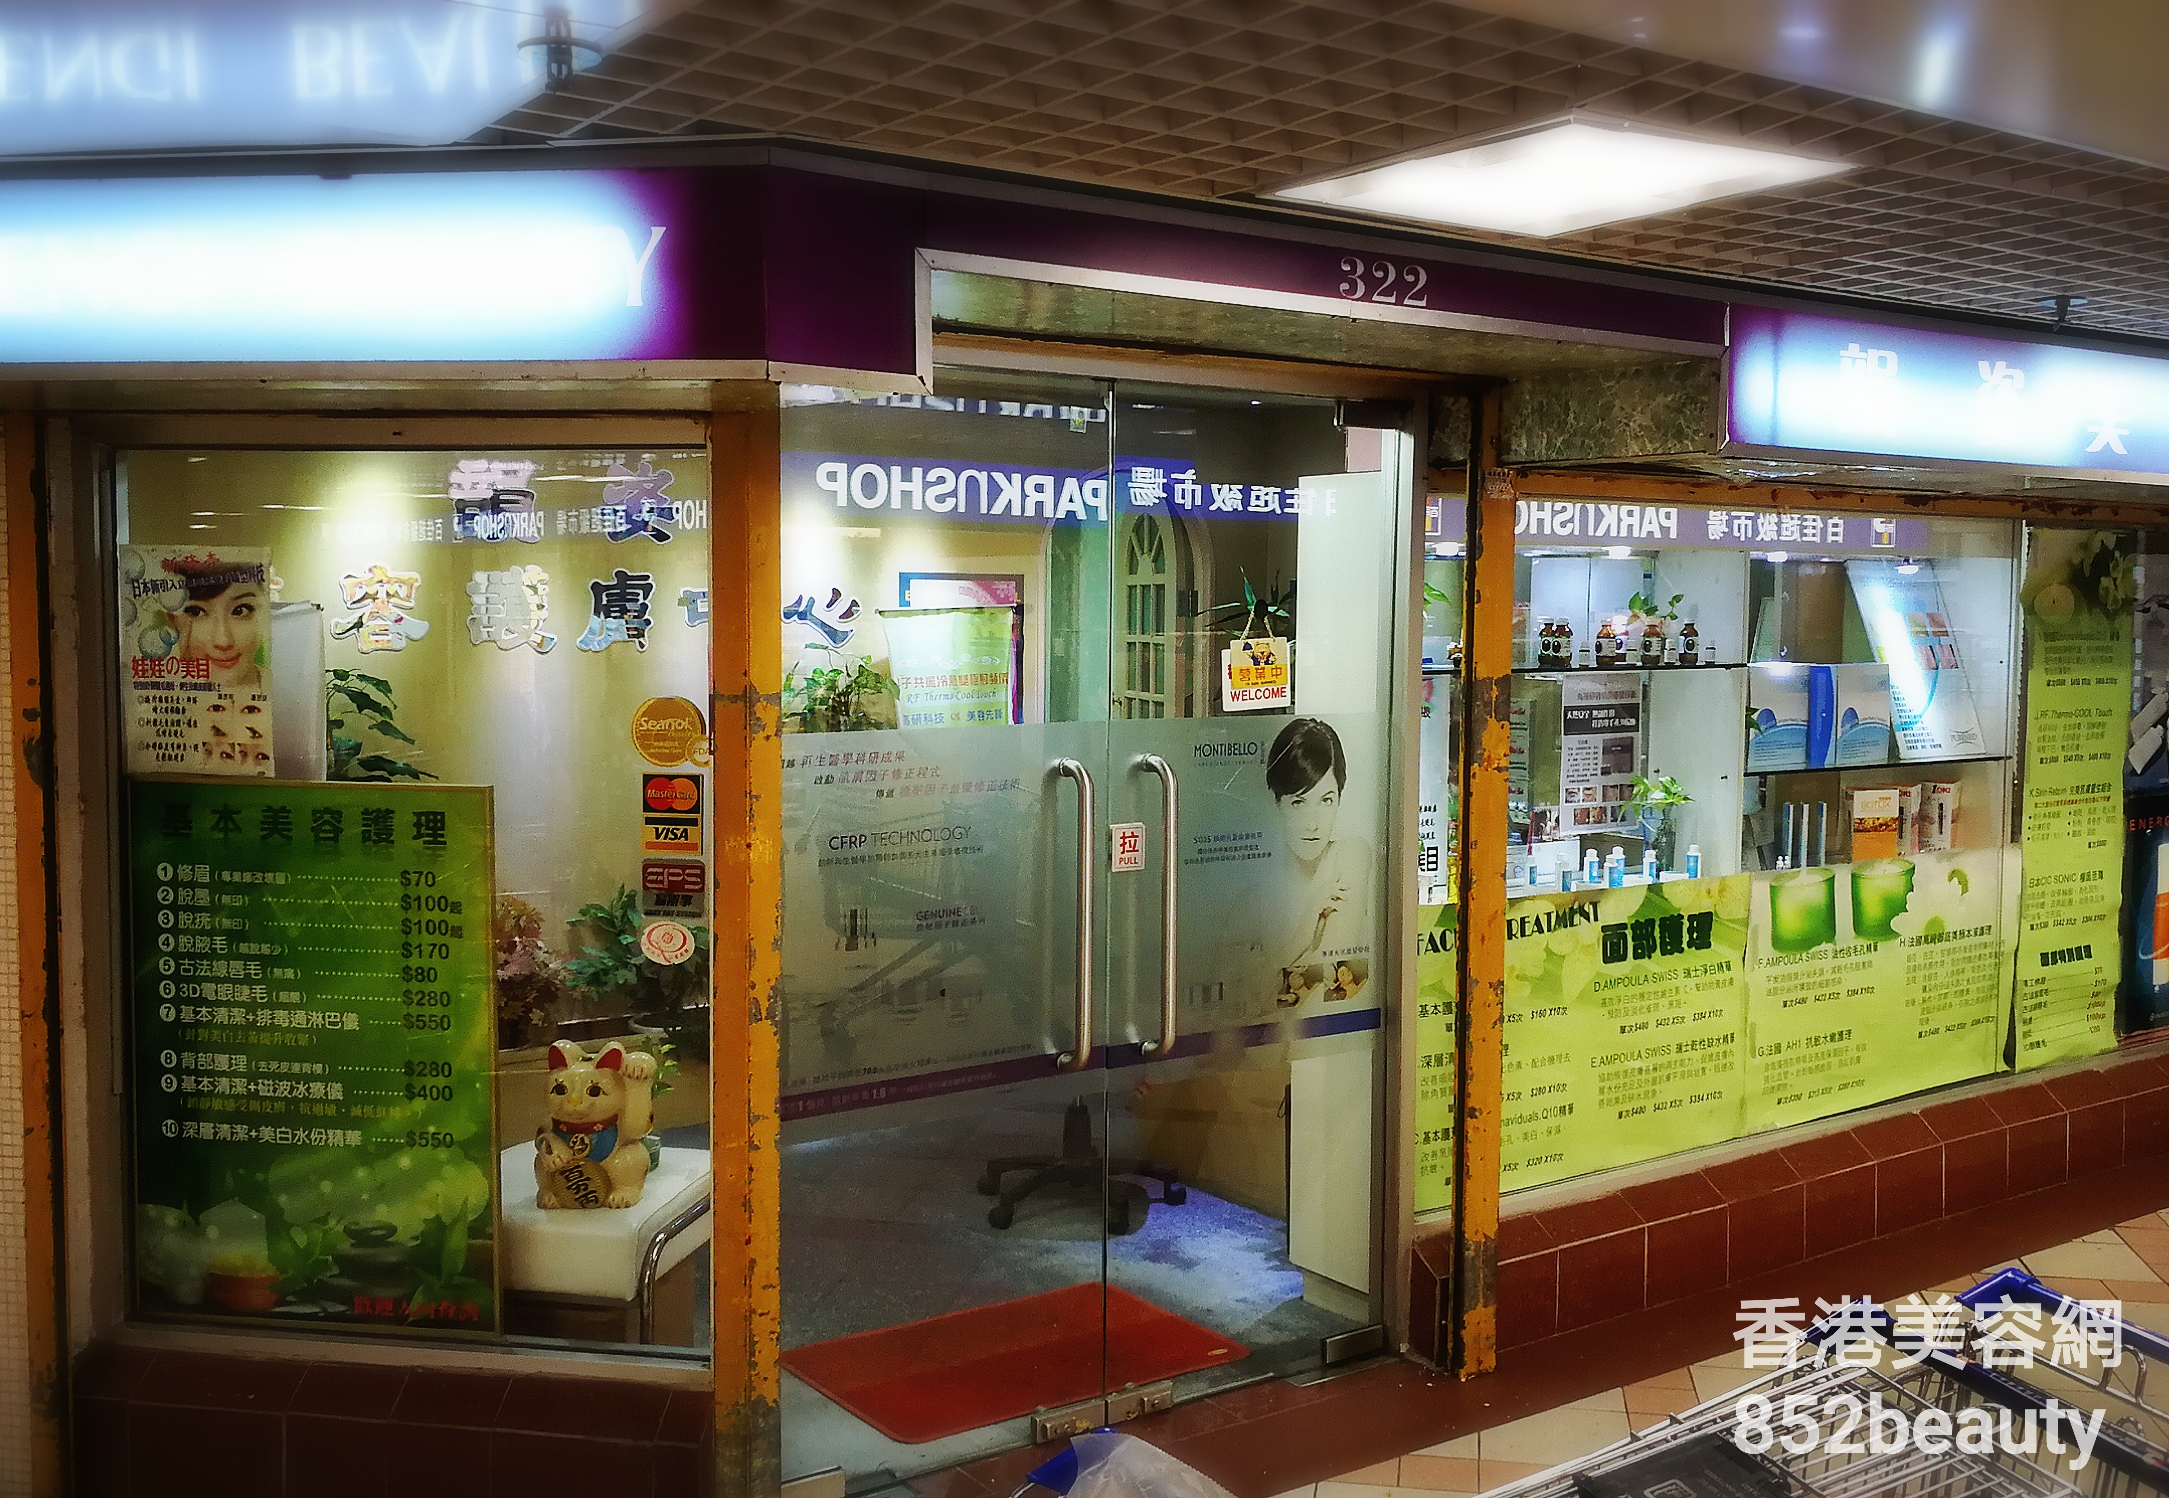 香港美容院 美容師 : 韻姿美容護膚中心 @青年創業軍